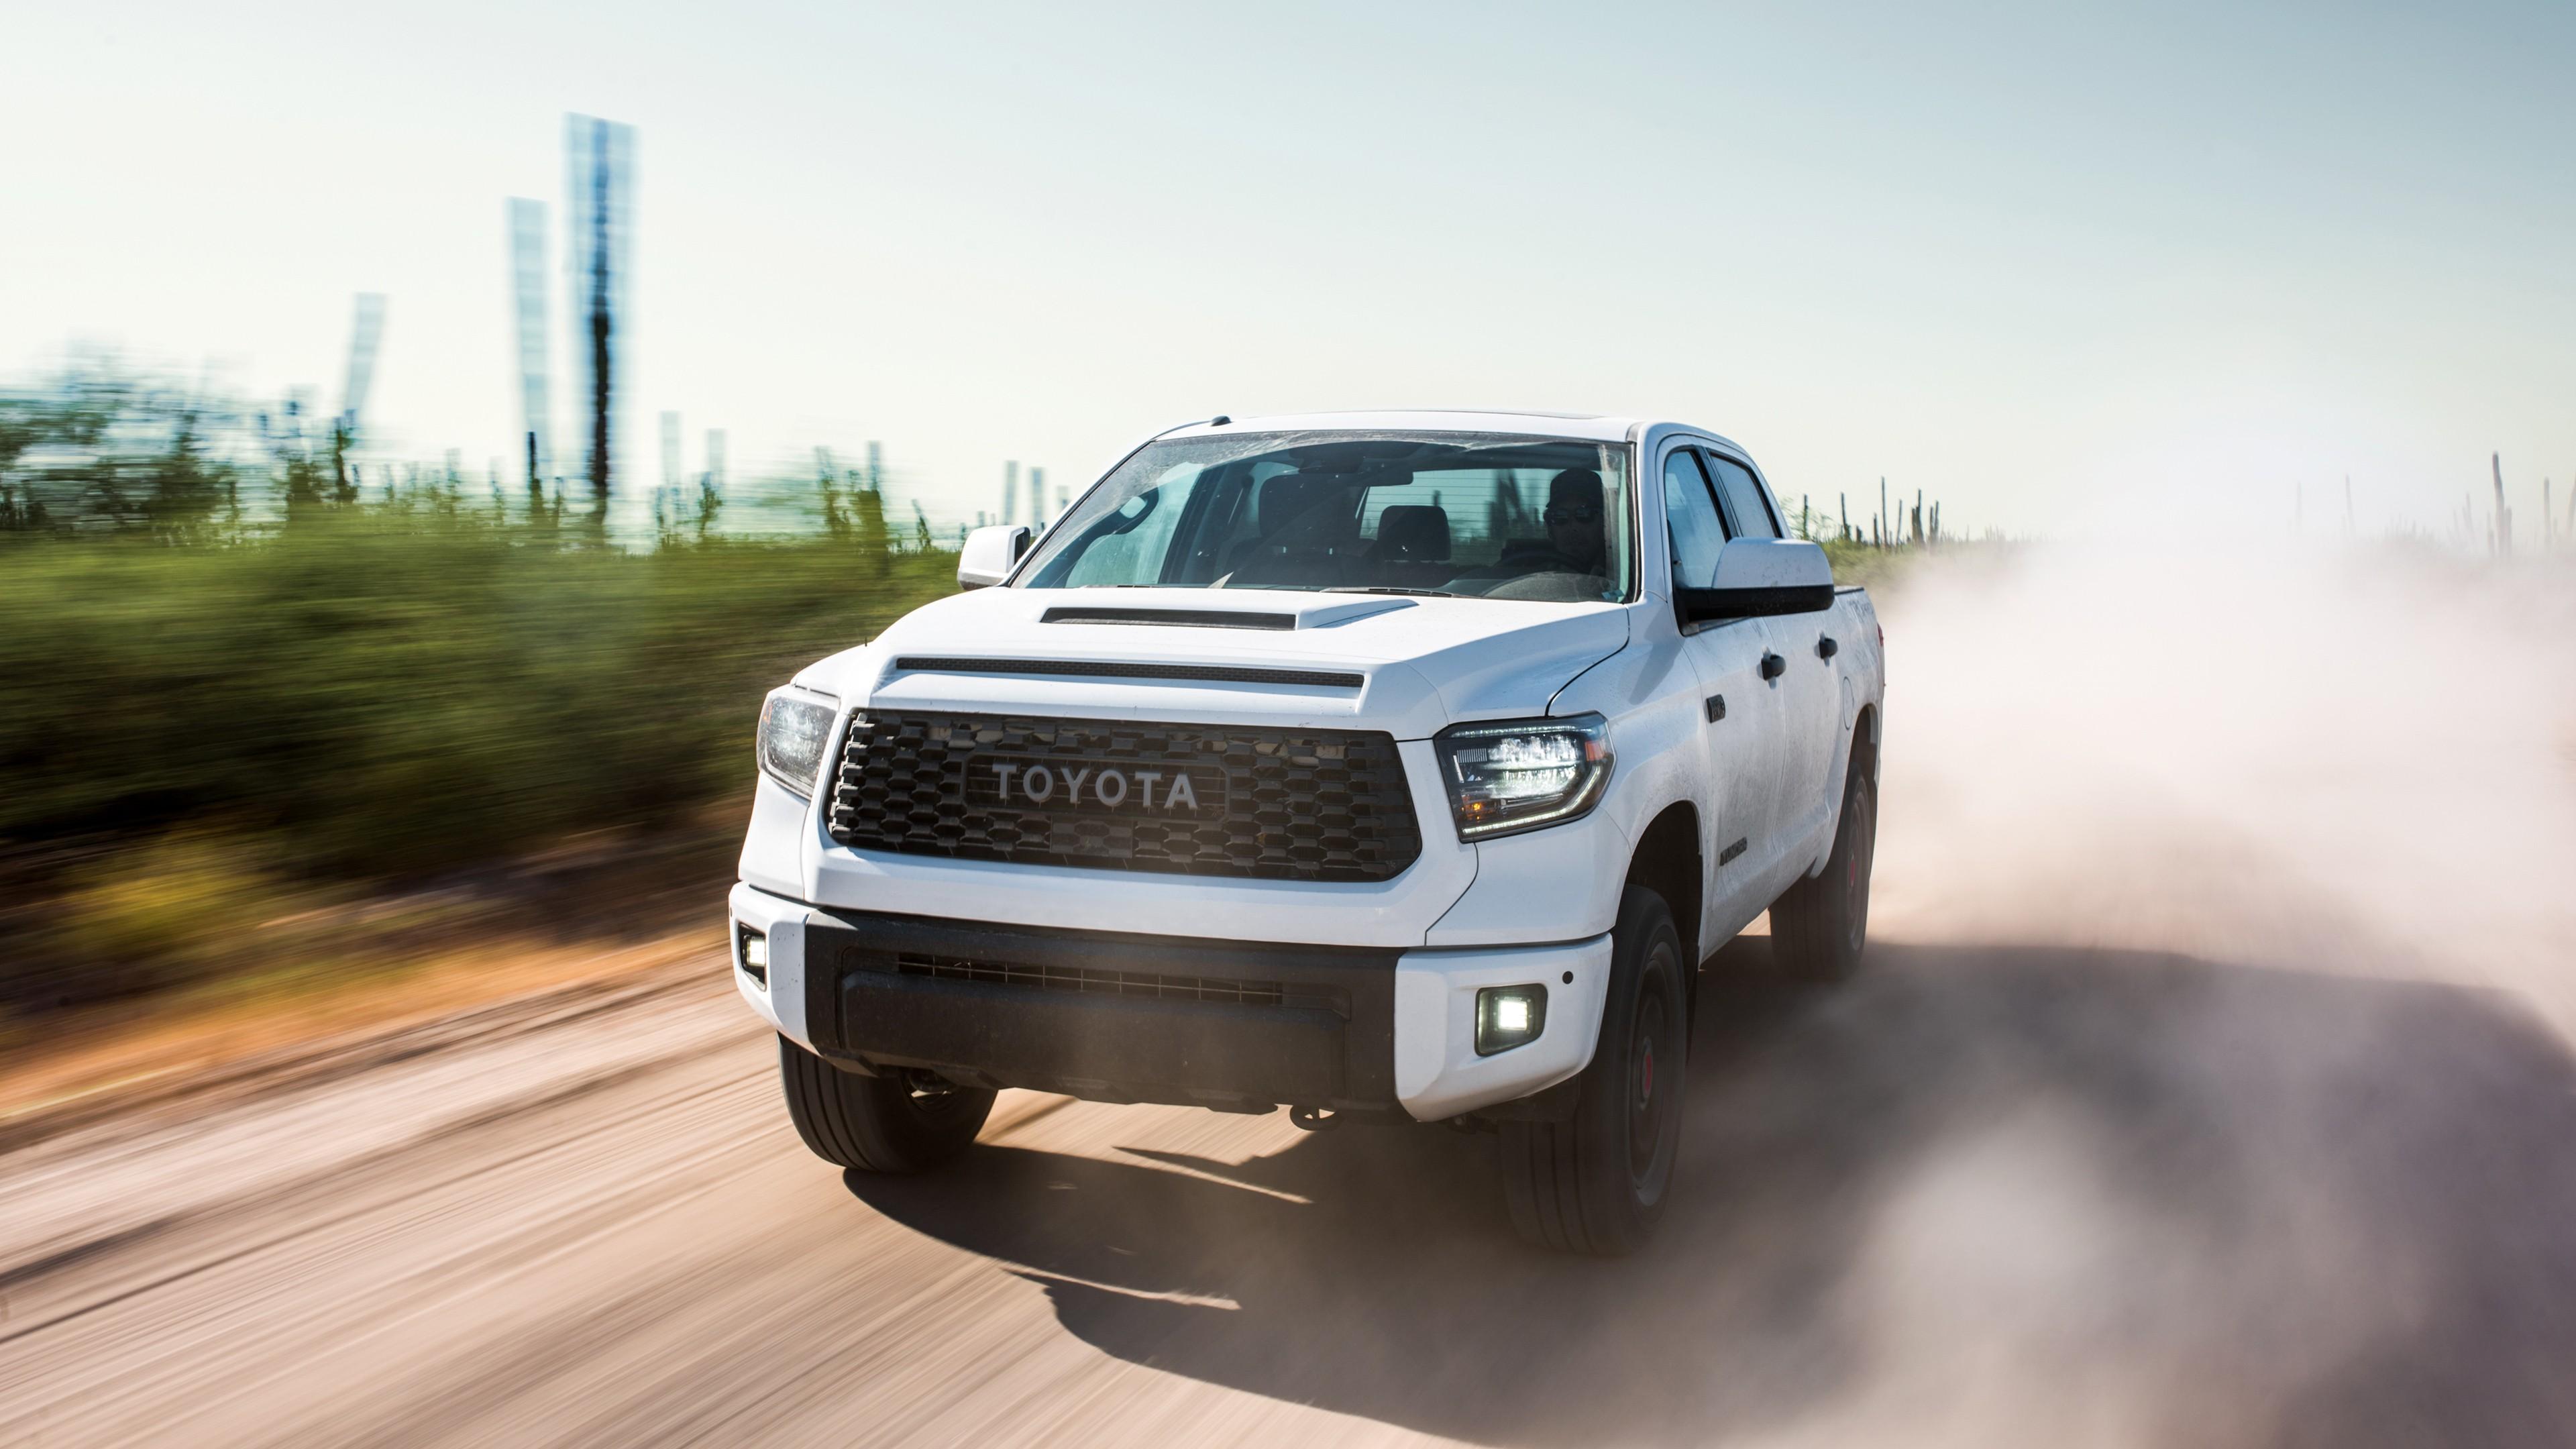 Tundra Trd Pro >> 2019 Toyota Tundra TRD Pro CrewMax 4K Wallpaper | HD Car Wallpapers | ID #9574